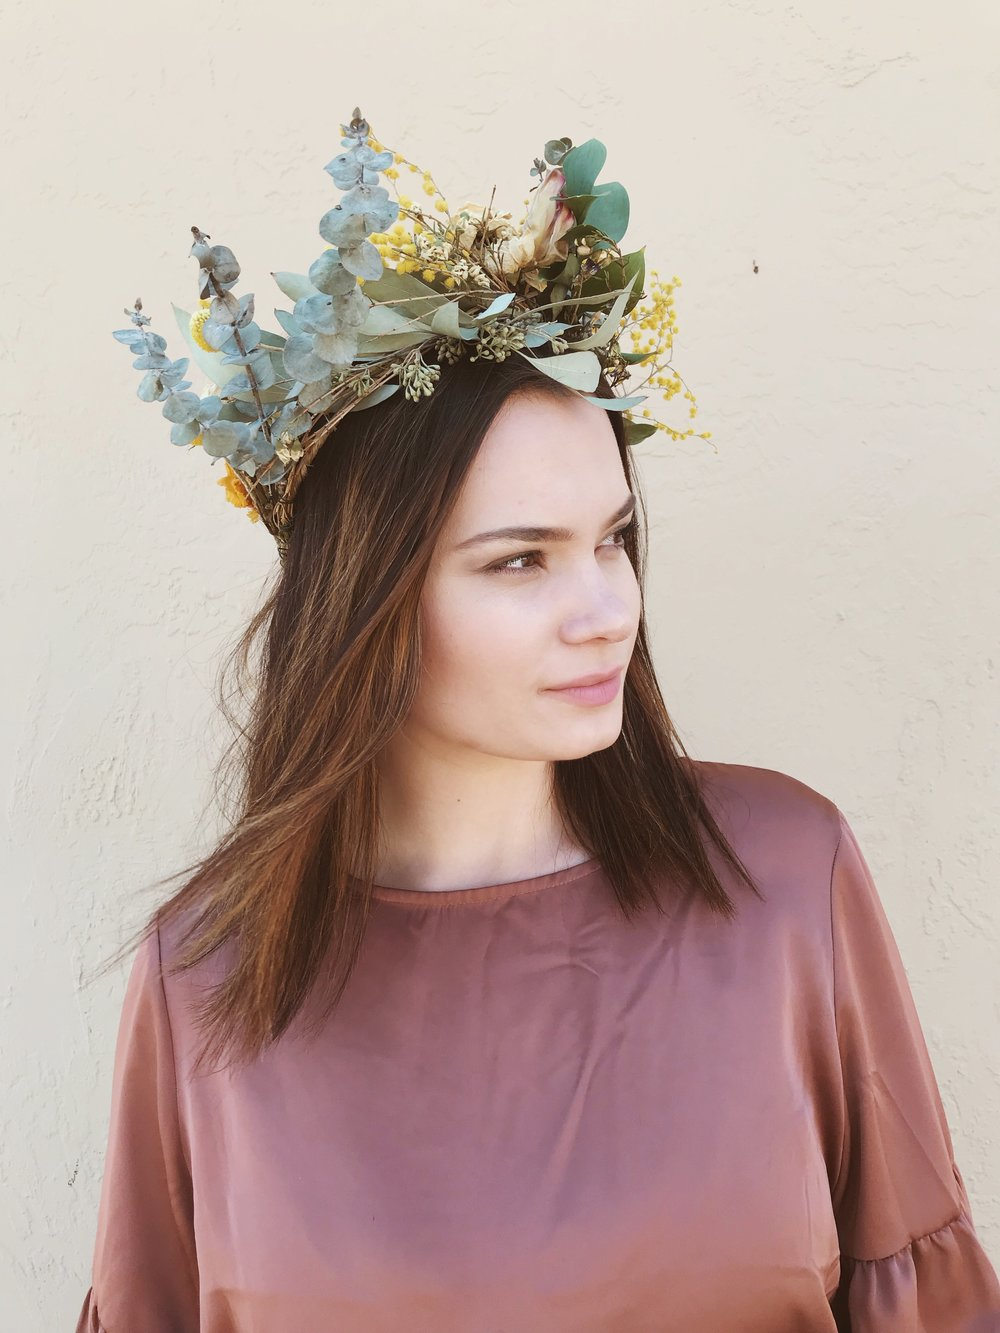 Diy how to make a dried flower crown shelf izmirmasajfo